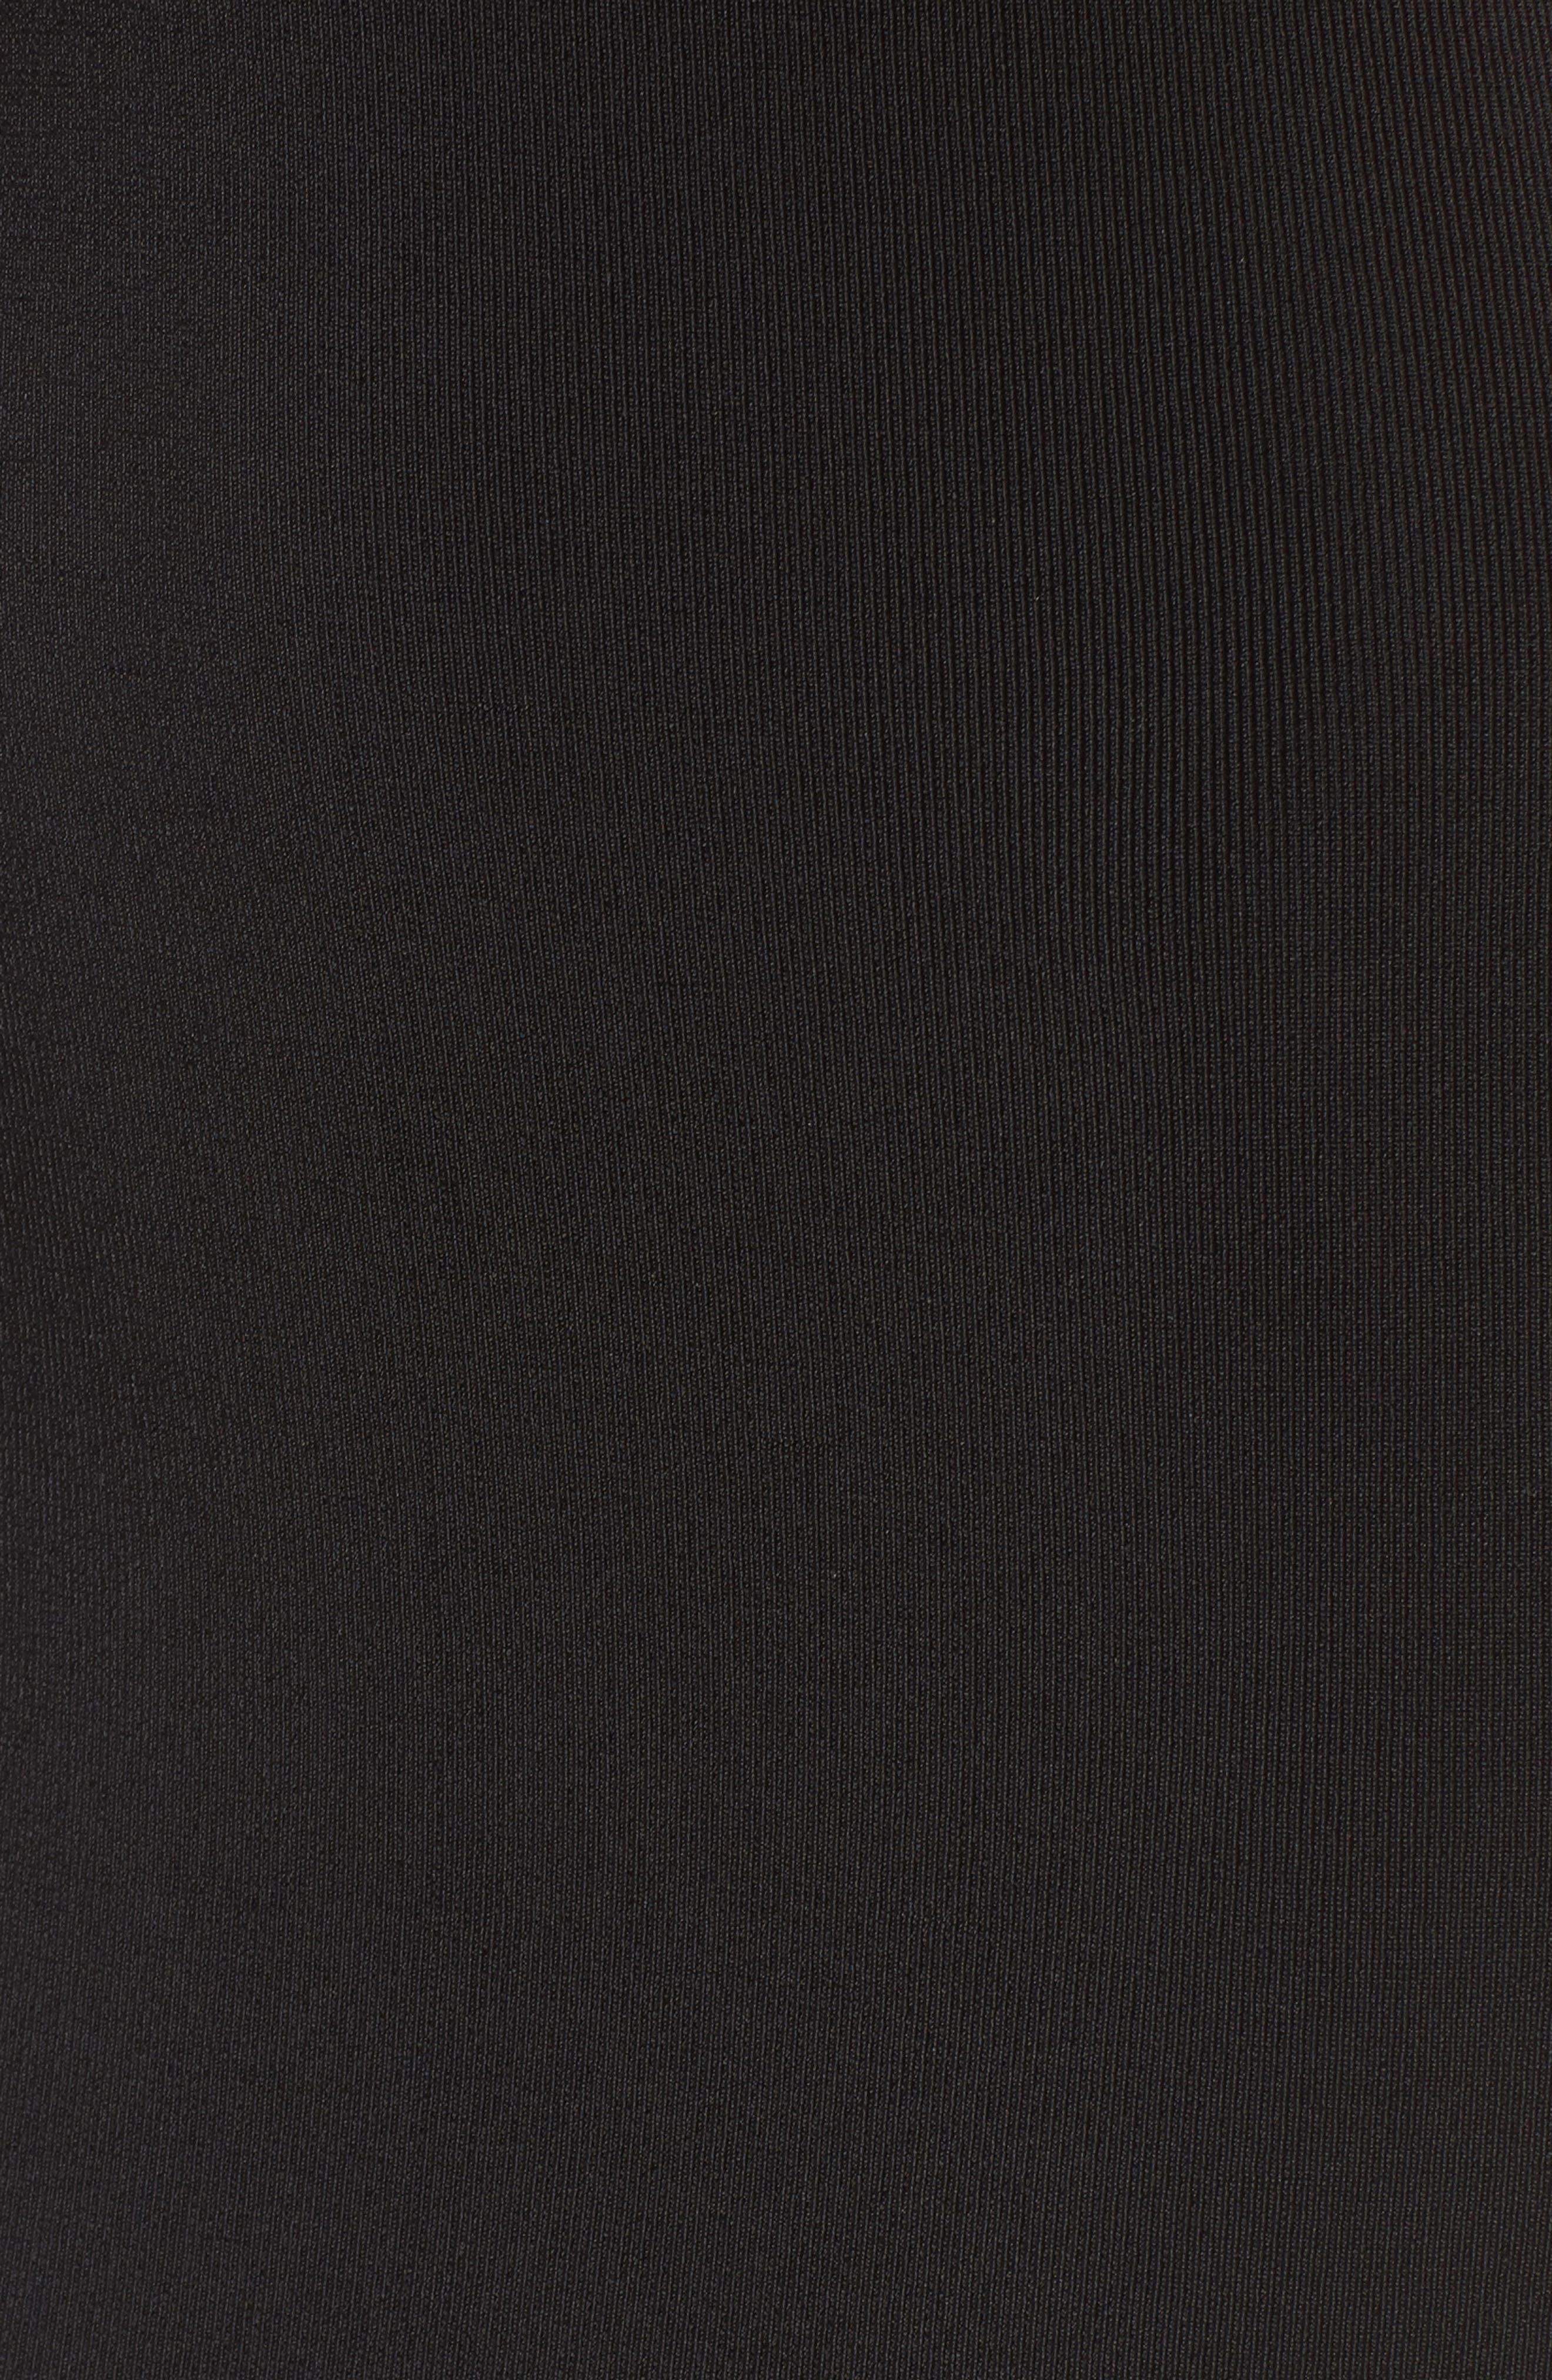 Sweater Knit Midi Dress,                             Alternate thumbnail 5, color,                             001